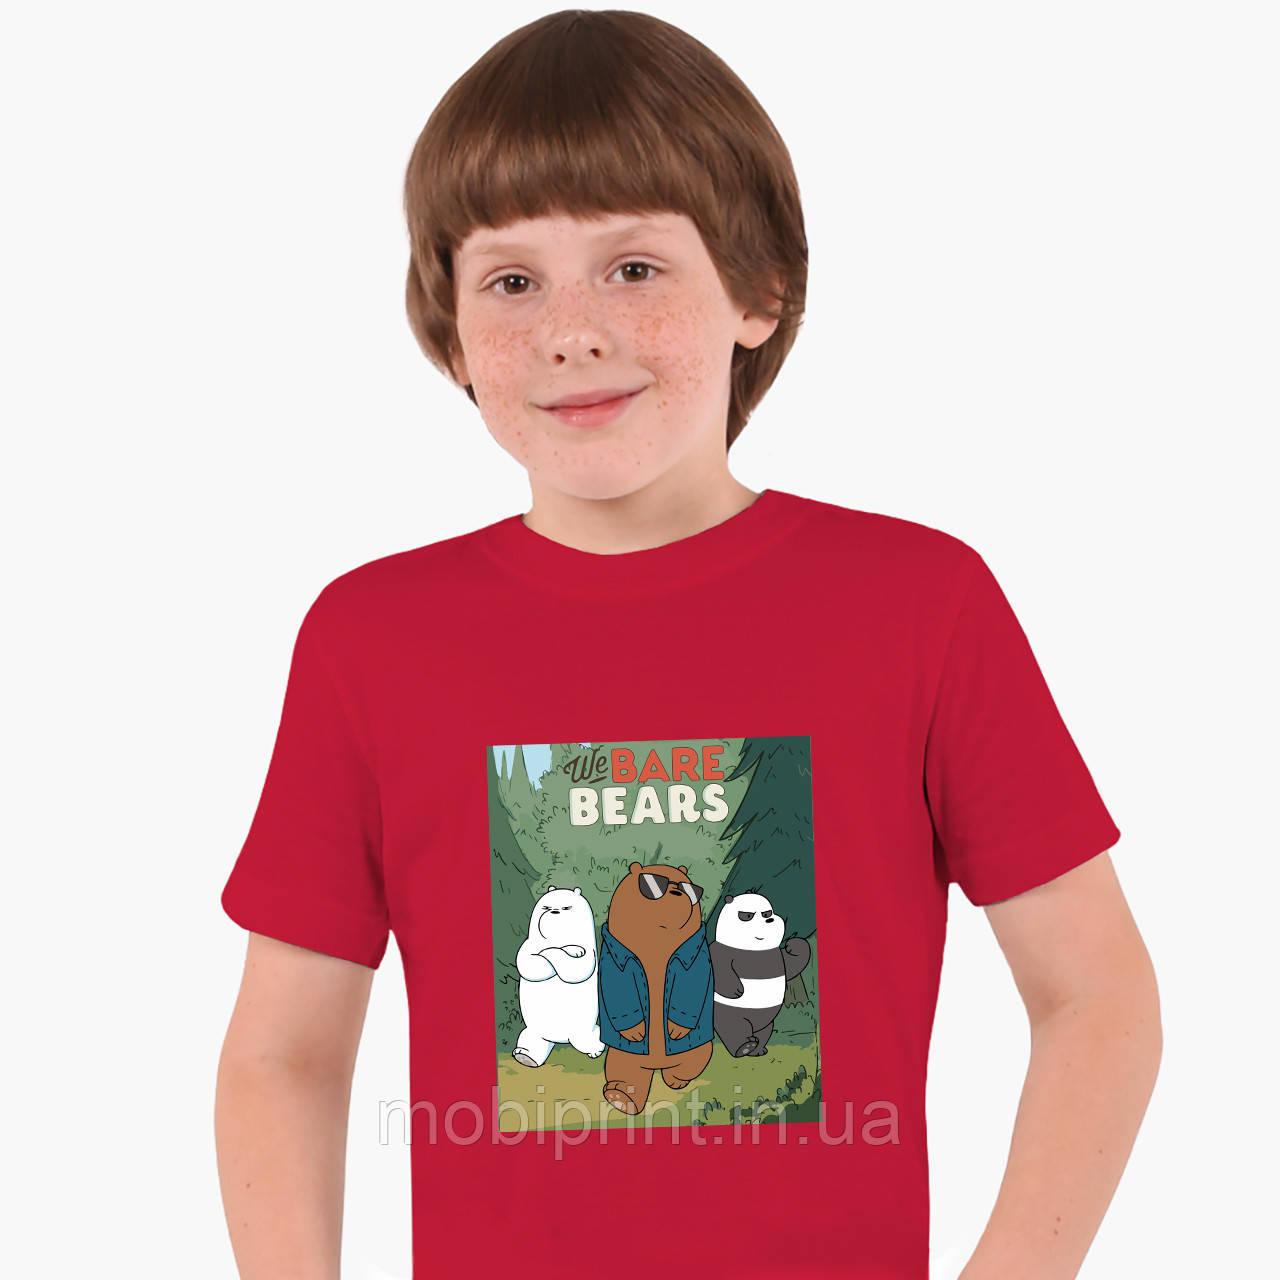 Дитяча футболка для хлопчиків Вся правда про ведмедів (We Bare Bears) (25186-2664-RD) Червоний